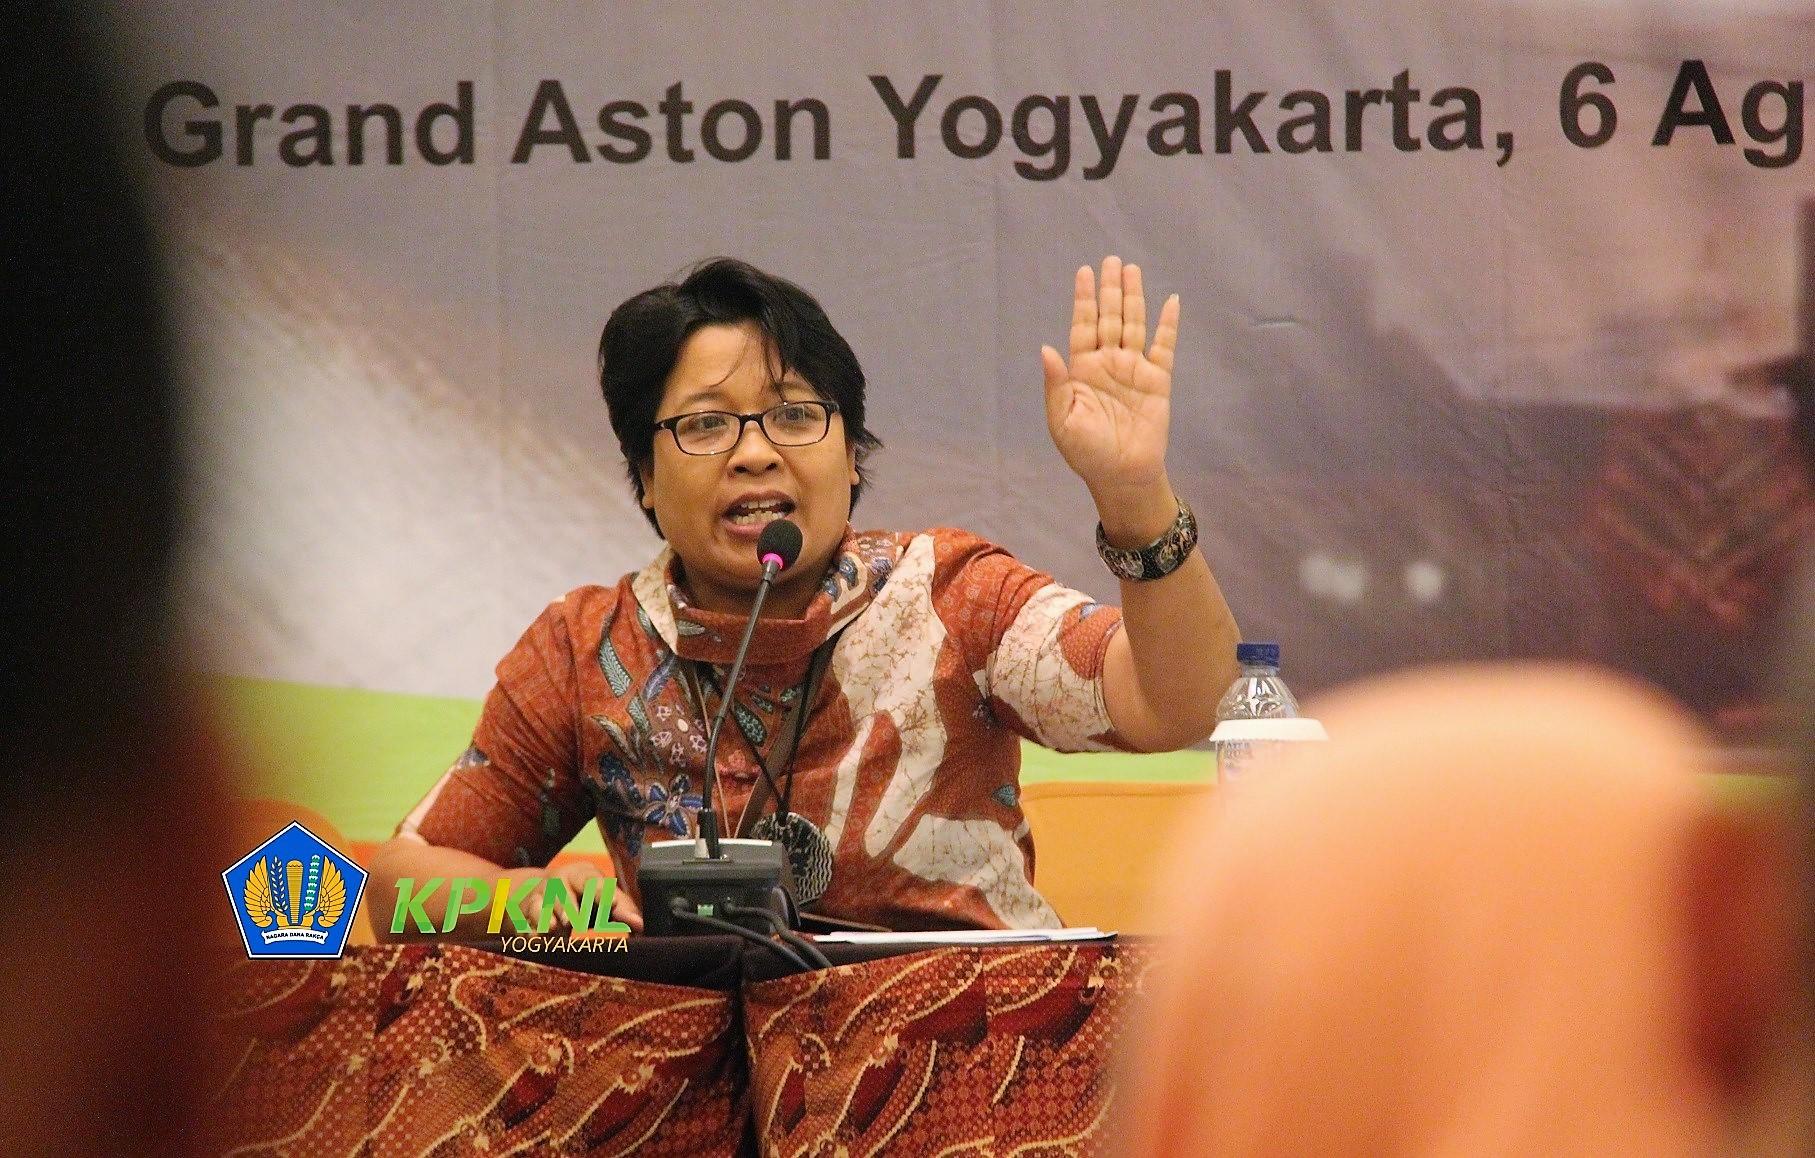 Kepala KPKNL Yogyakarta: Seharusnya Semua Ketentuan Melindungi Pembeli Yang Beritikad Baik